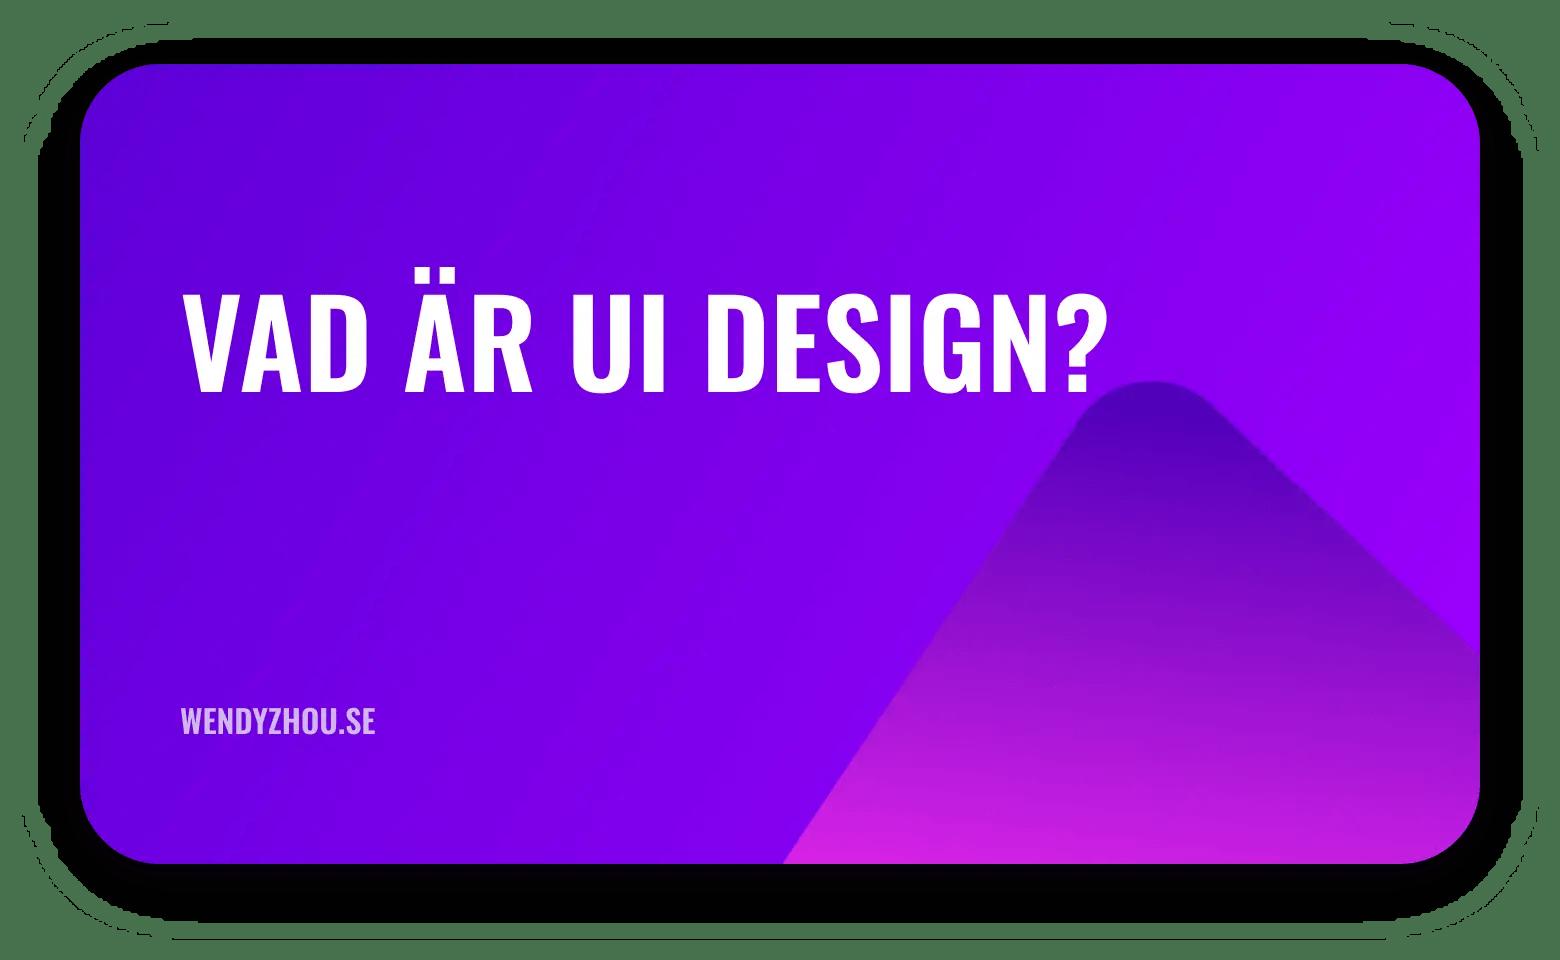 Vad är UI Design?